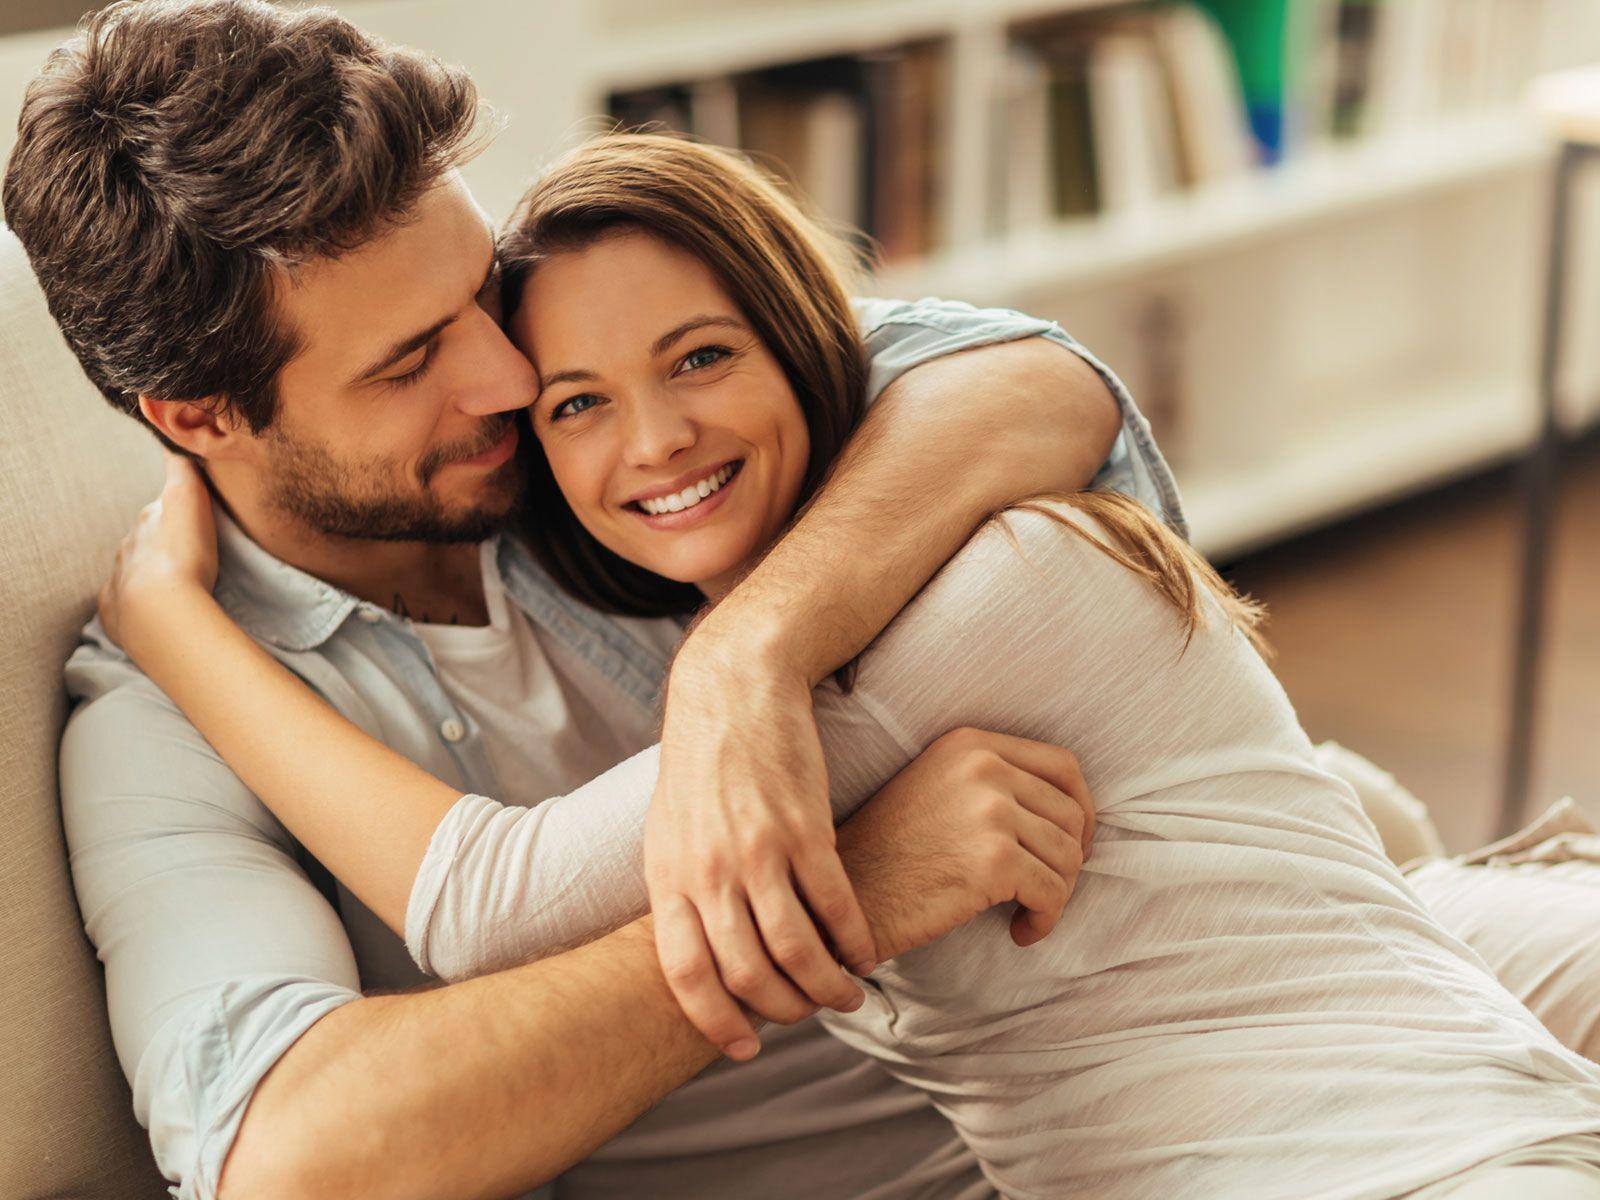 Секс и семья: Как решать любовные проблемы в семейных отношениях?